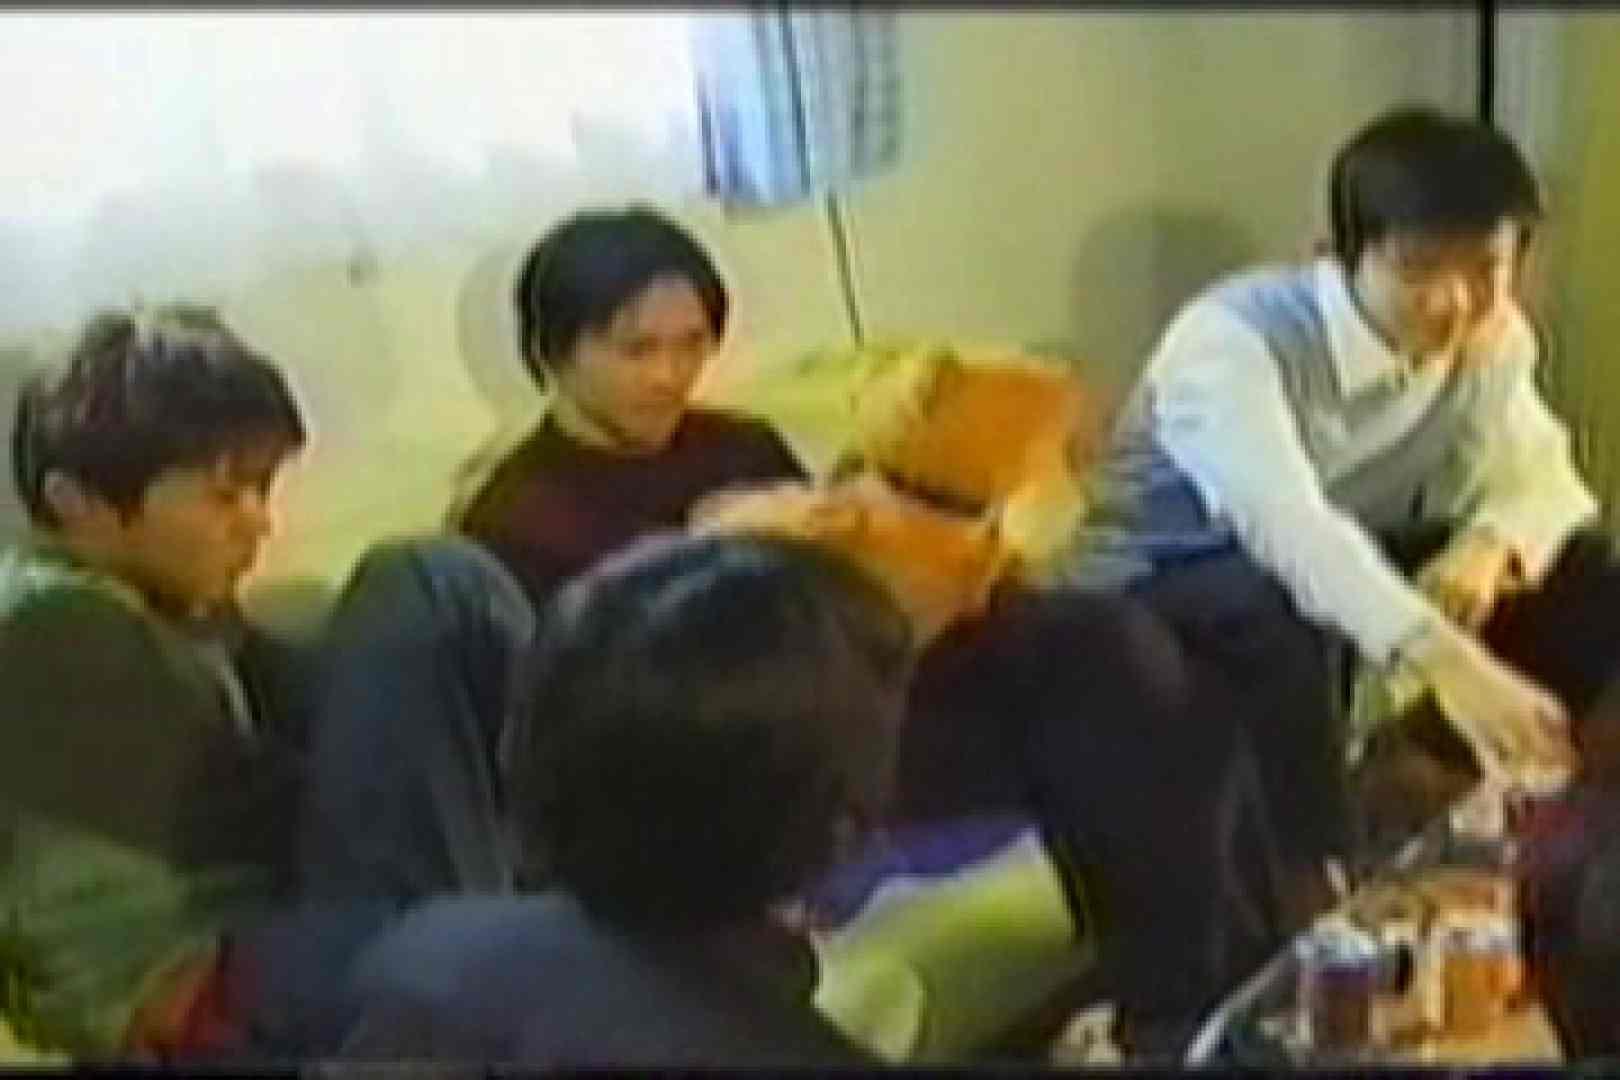 【流出】若者たちの集い モザイク無し ゲイエロビデオ画像 77pic 52